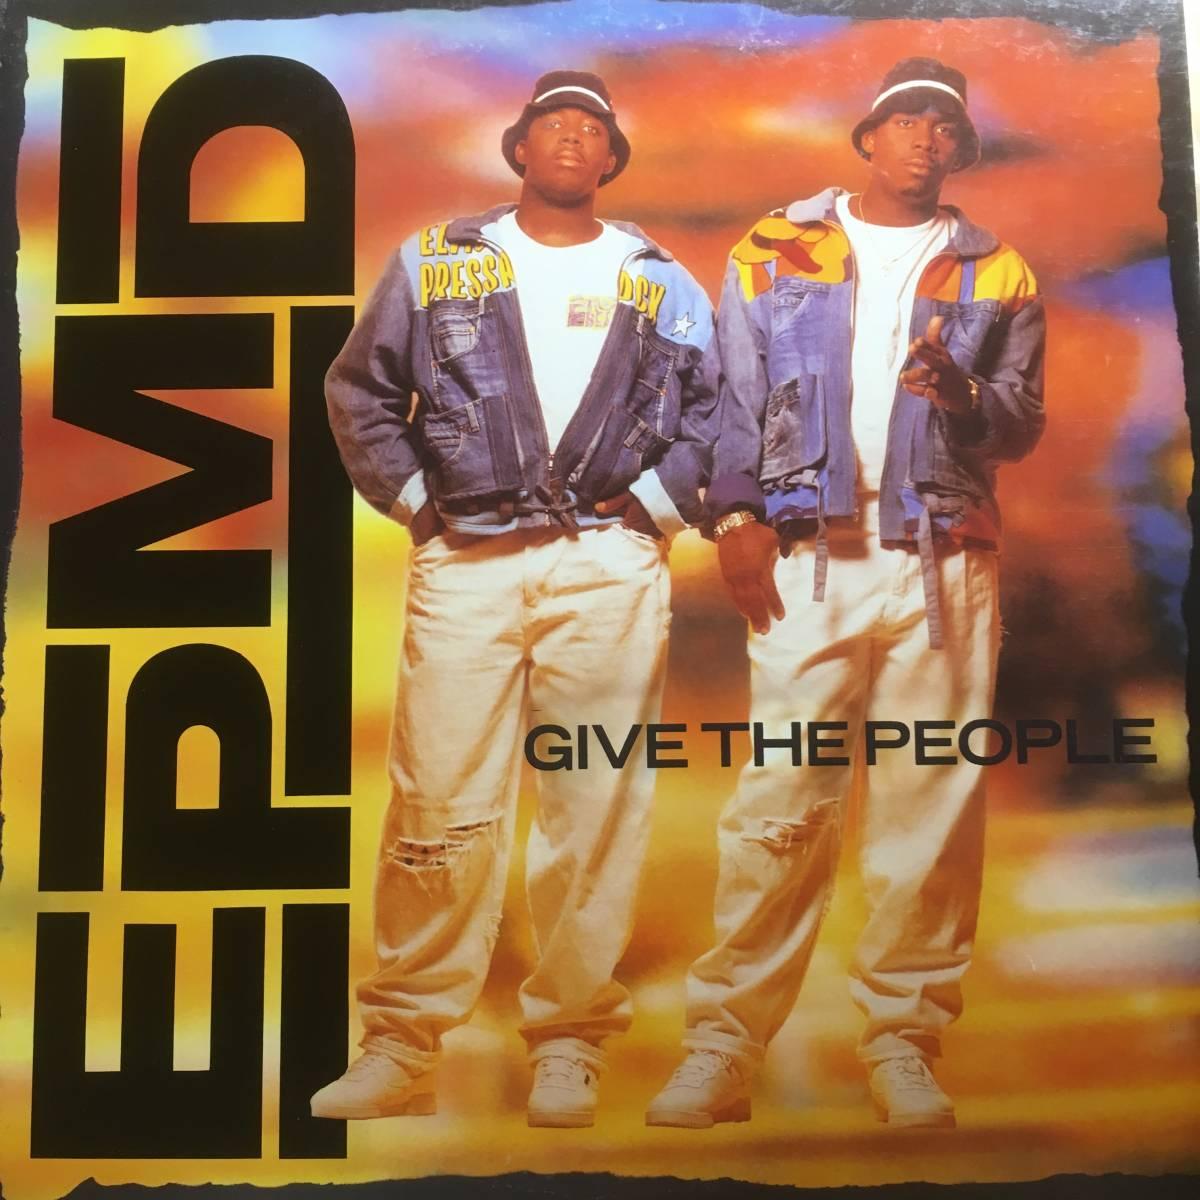 2点落札送料無料 EPMD Give The People O'Jays「Give The People What They Want」ESG「U.F.O.」_画像1